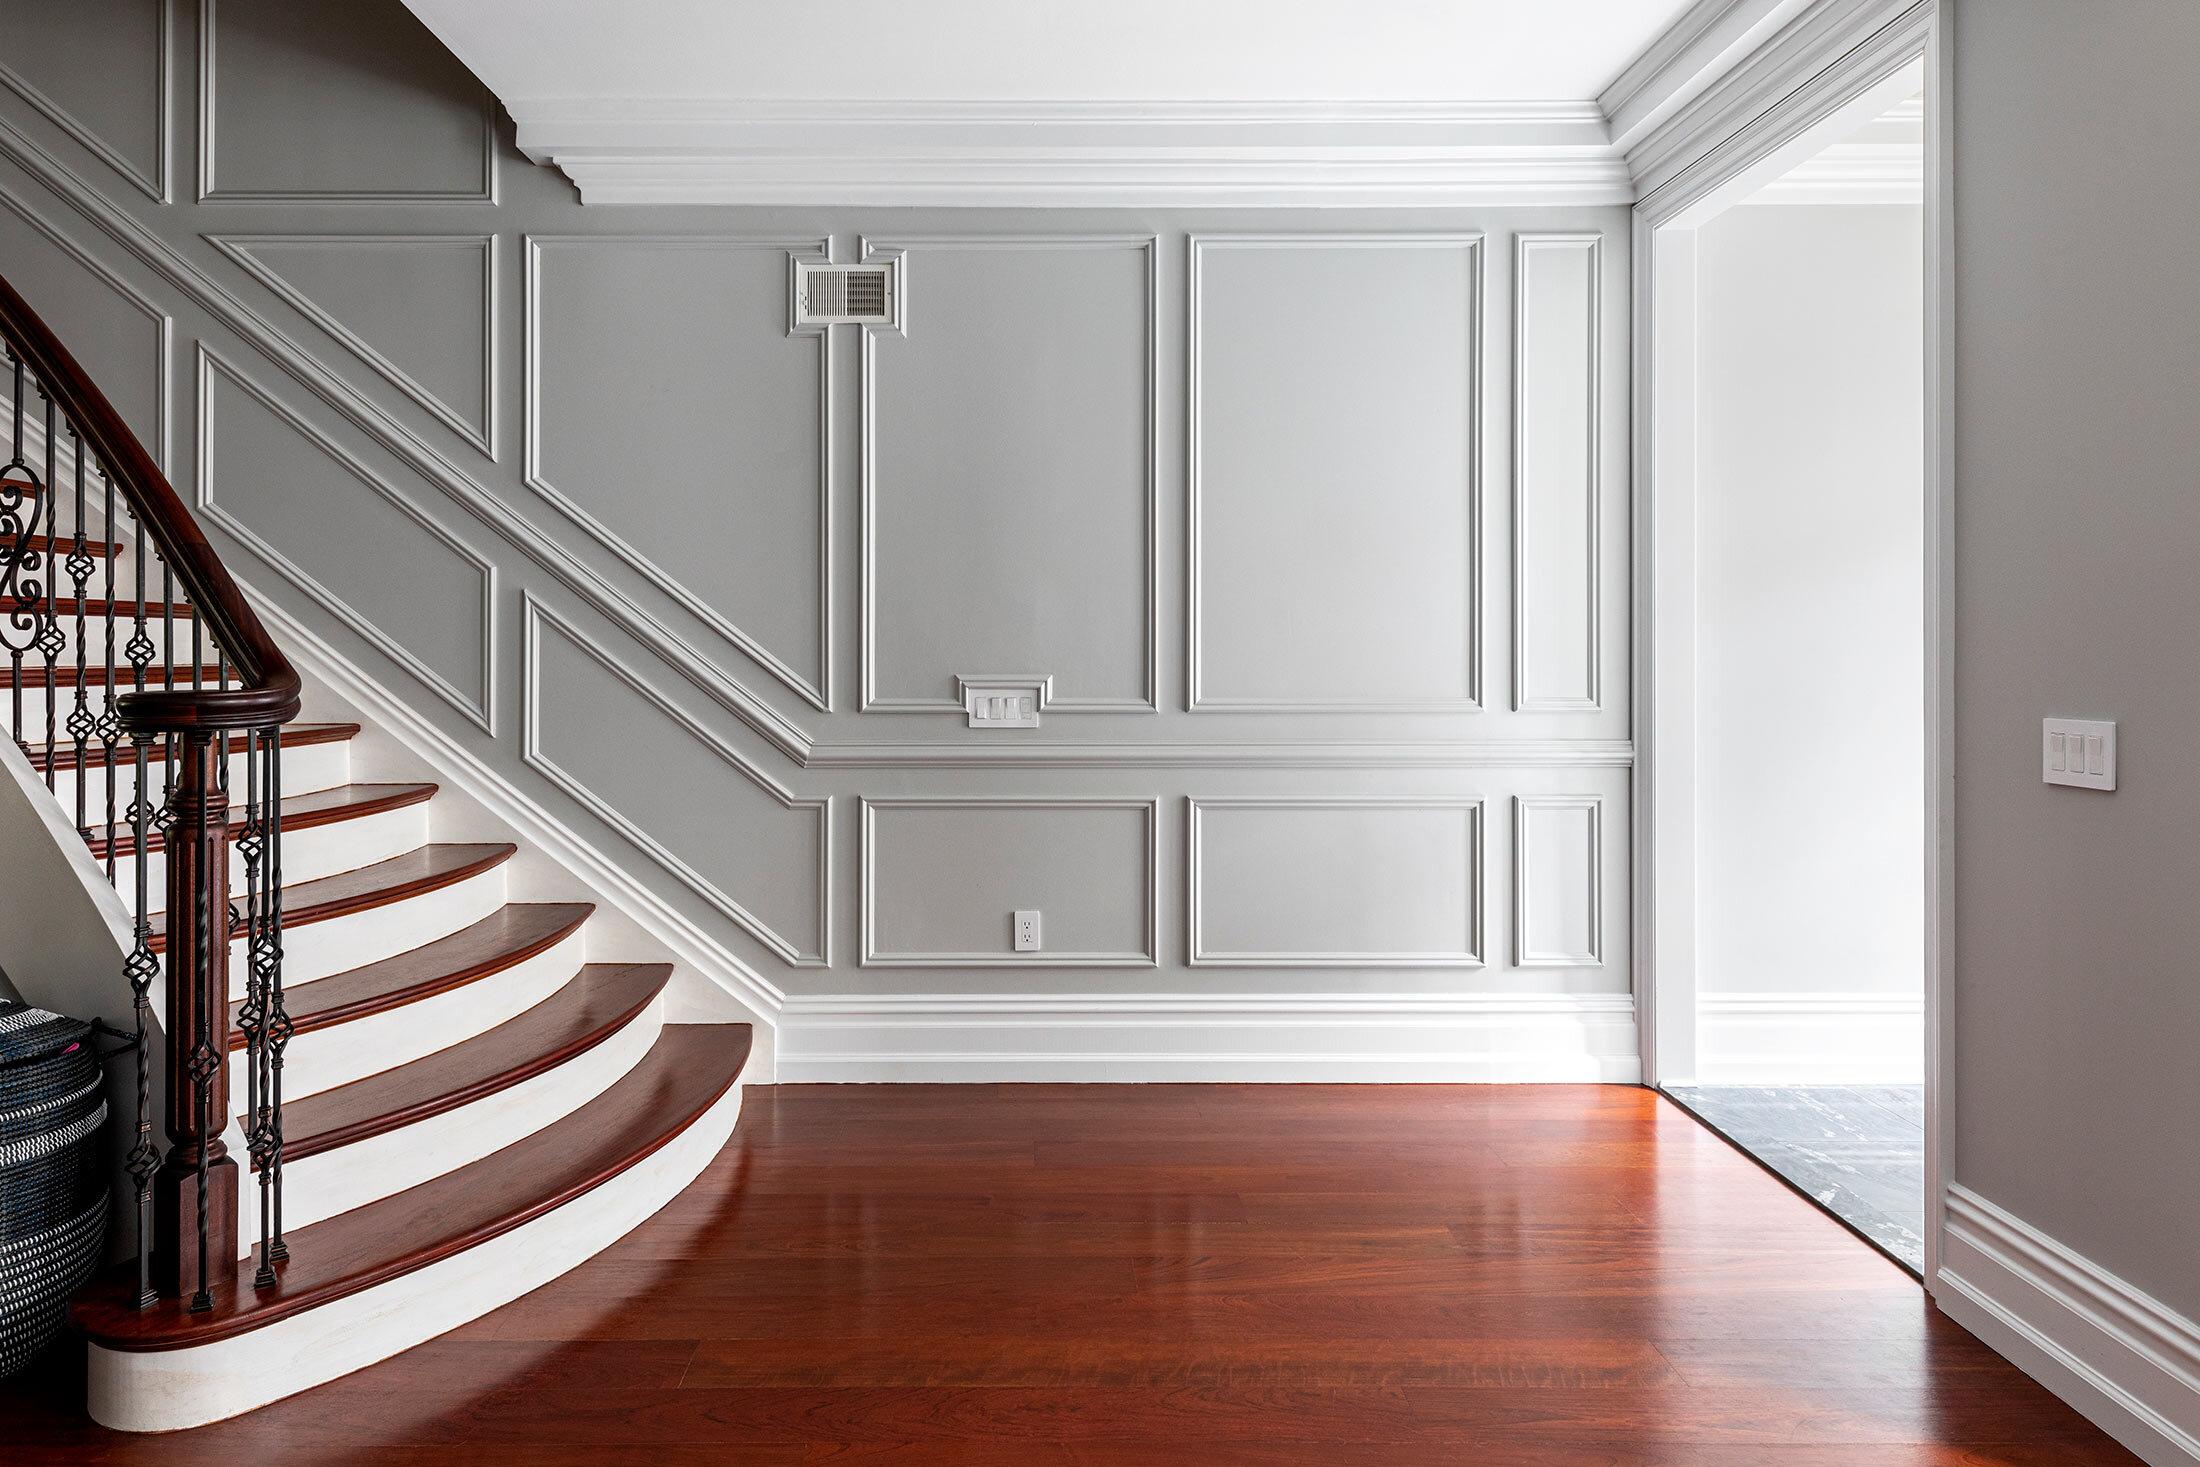 thompson-fine-home-renovations-staircase-millwork-custom-trim-townhouse-hoboken.jpg